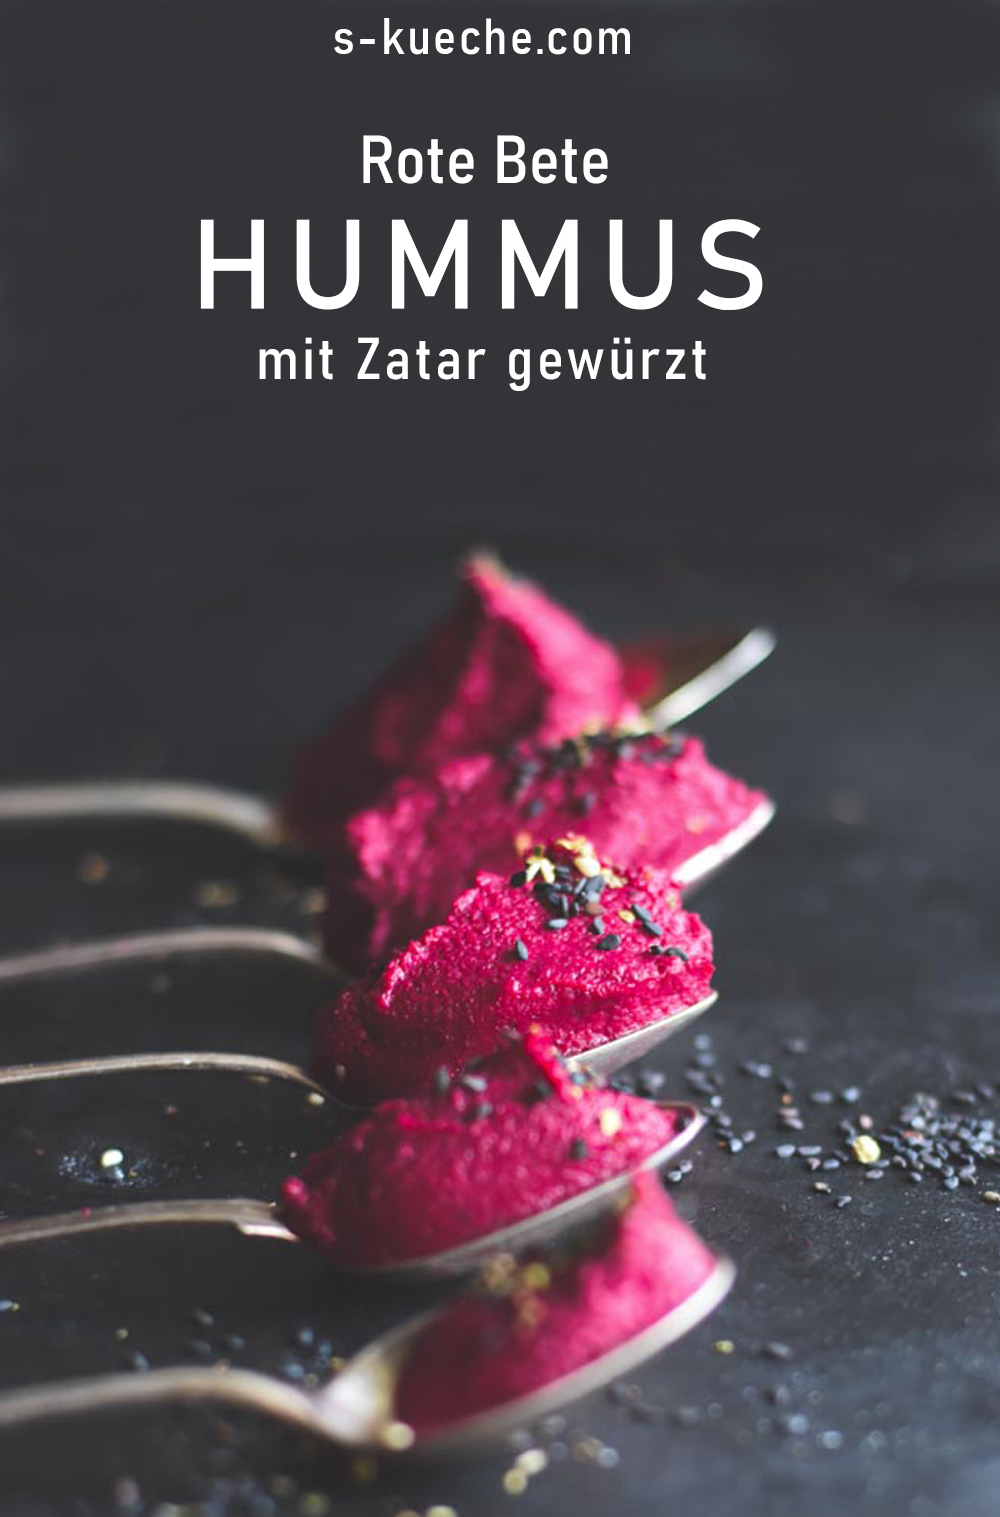 Rote Bete Hummus mit Zatar - Rezept mit oder ohne Thermomix - Blitzschnelles rohes Hummus Rezept mit dem Aroma von 1001 Nacht, #levante #rotebete #hummus #rezept #rawfood